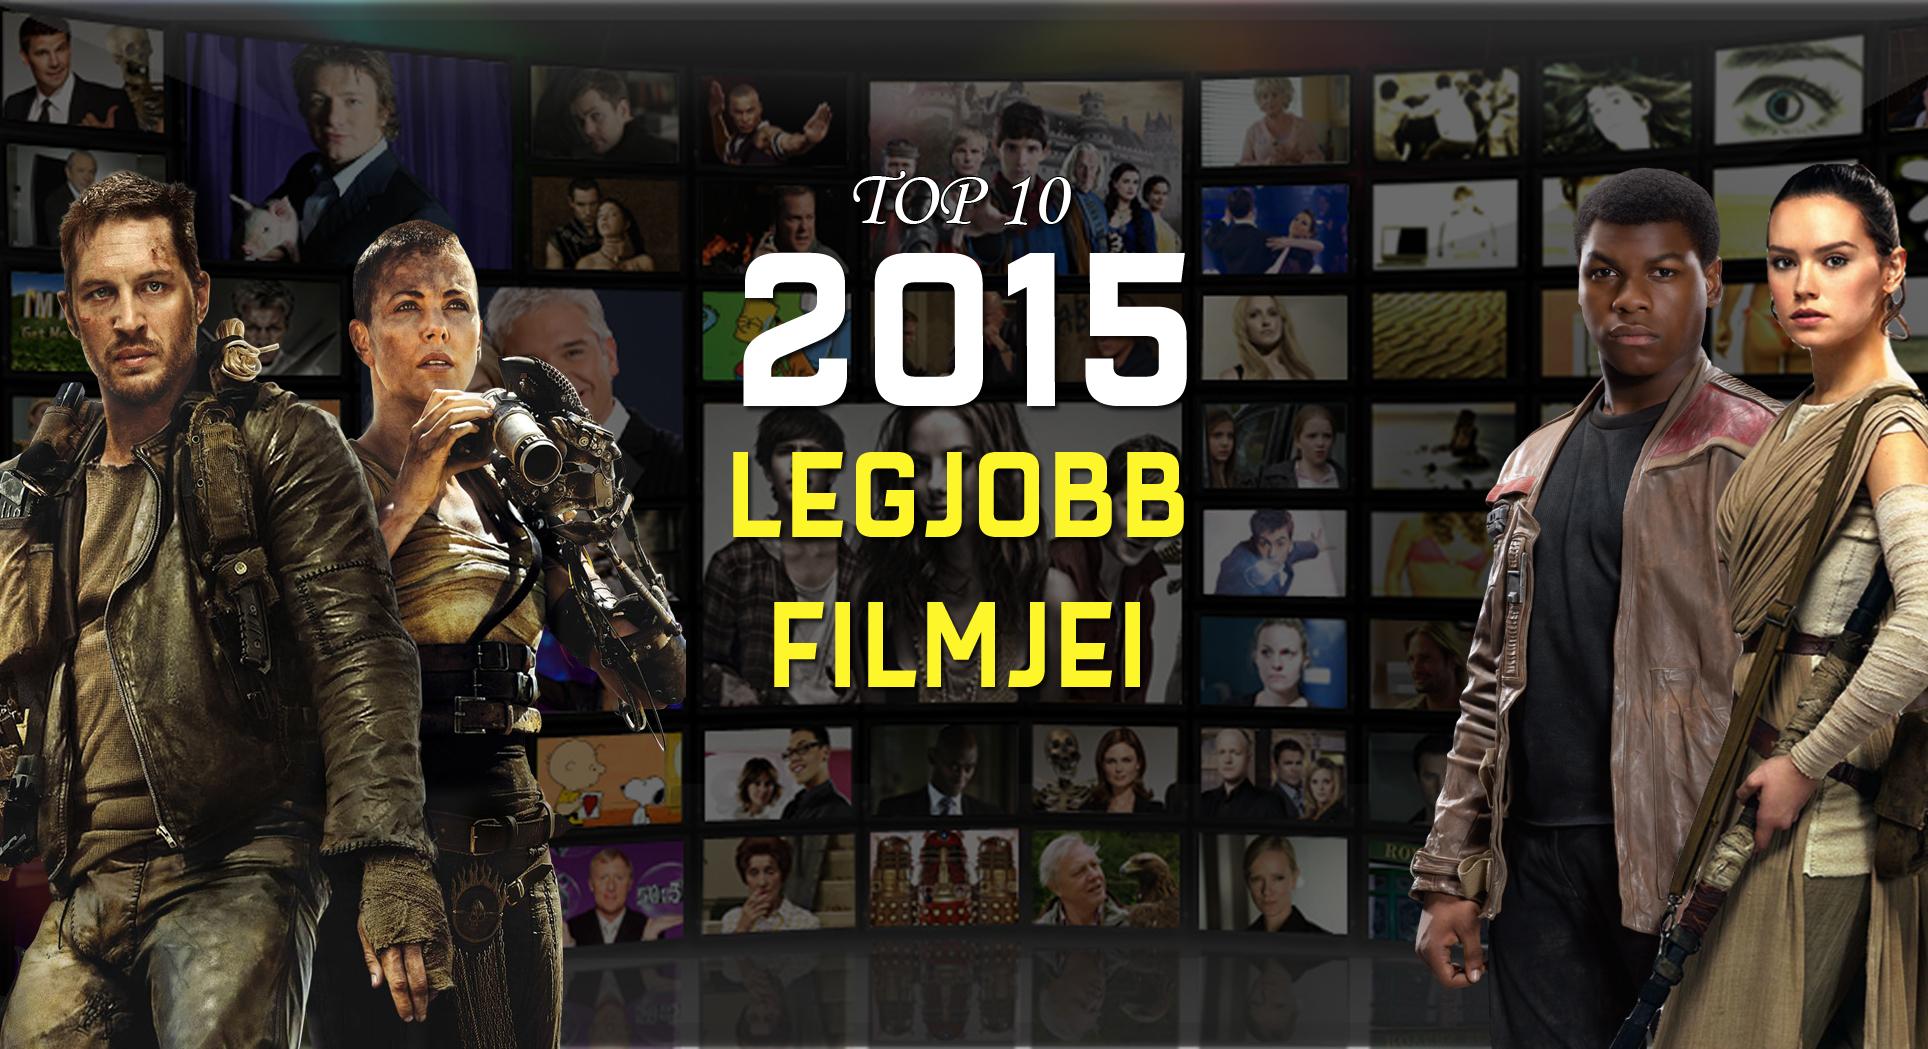 TOP10: 2015 legjobb filmjei az AFI szerint